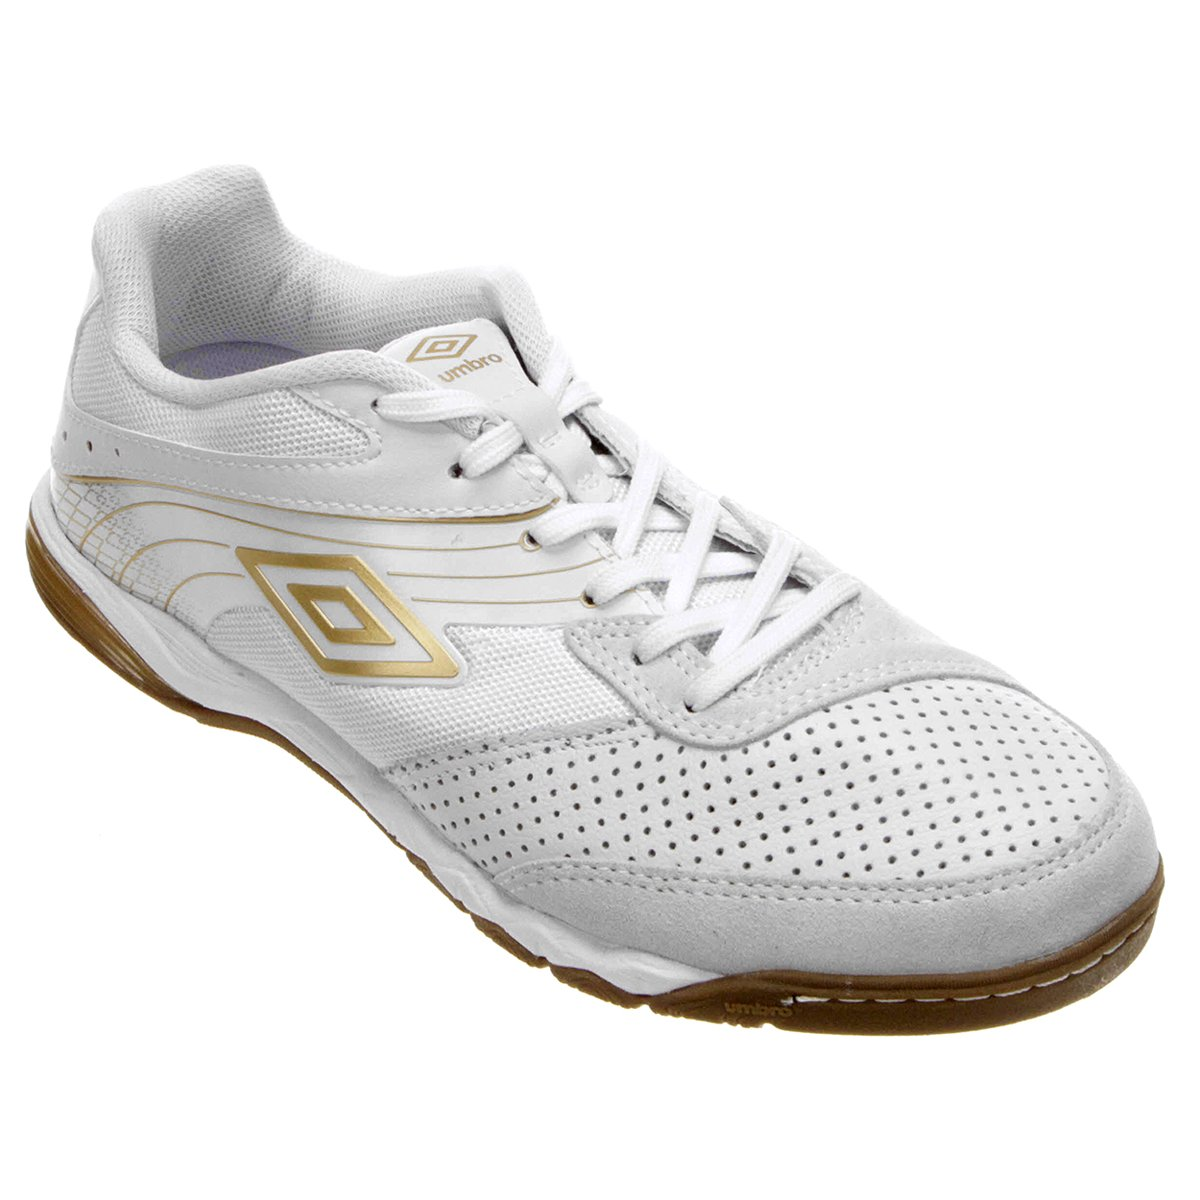 Chuteira Umbro Falcão Pro Futsal - Compre Agora  180f3a16ad4cb